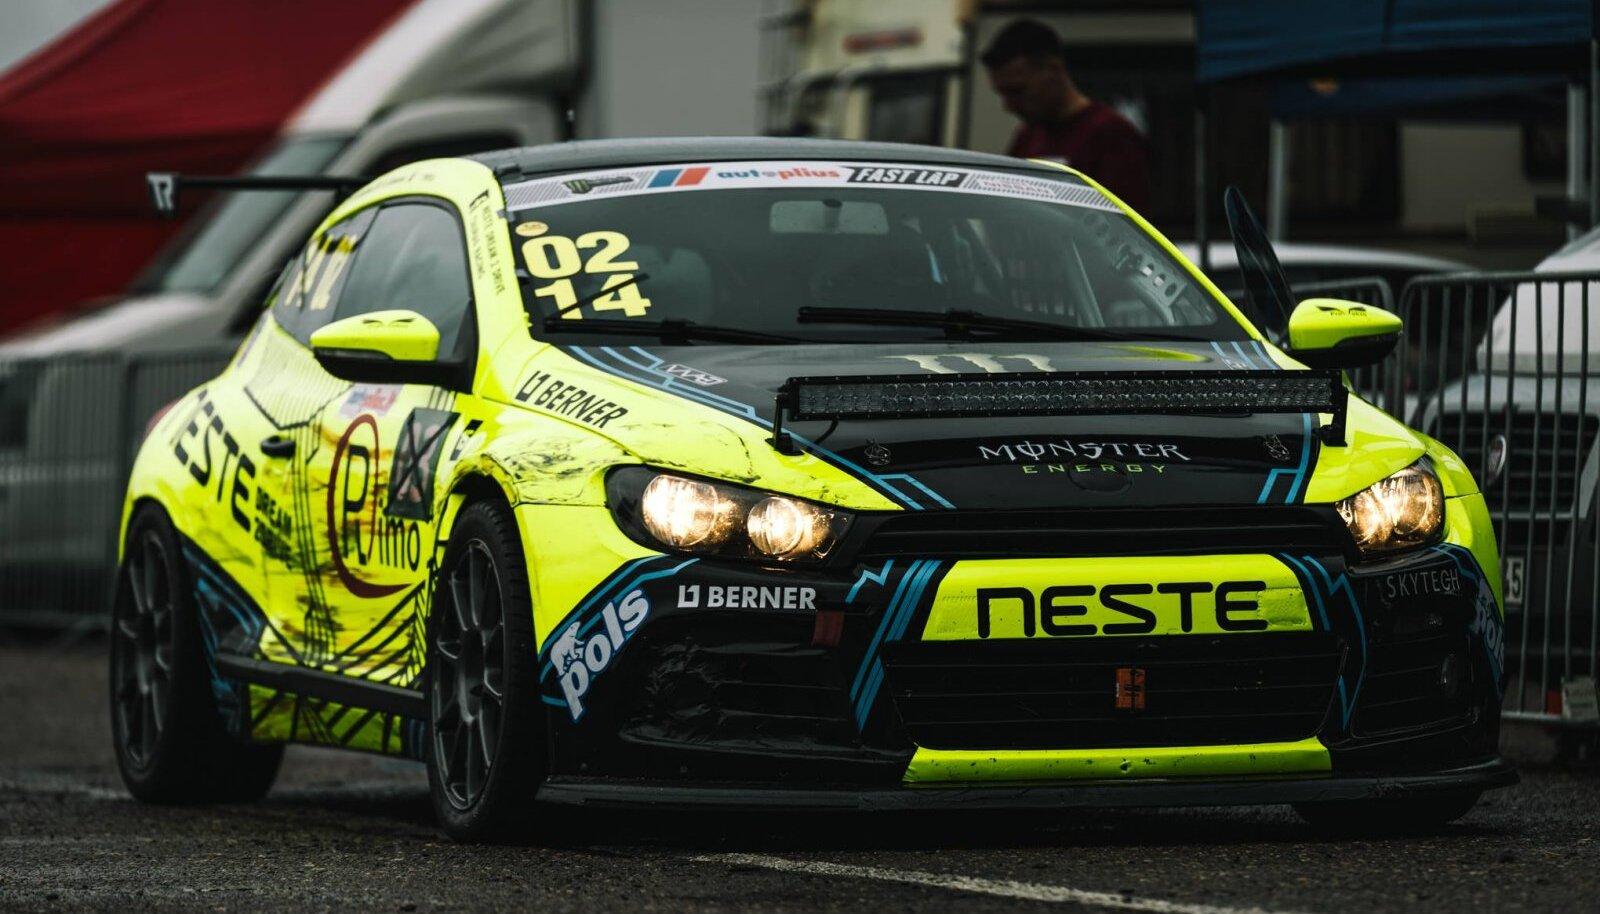 Võistlusauto, millega Palangasse kiiremaid ringe tegema minnakse